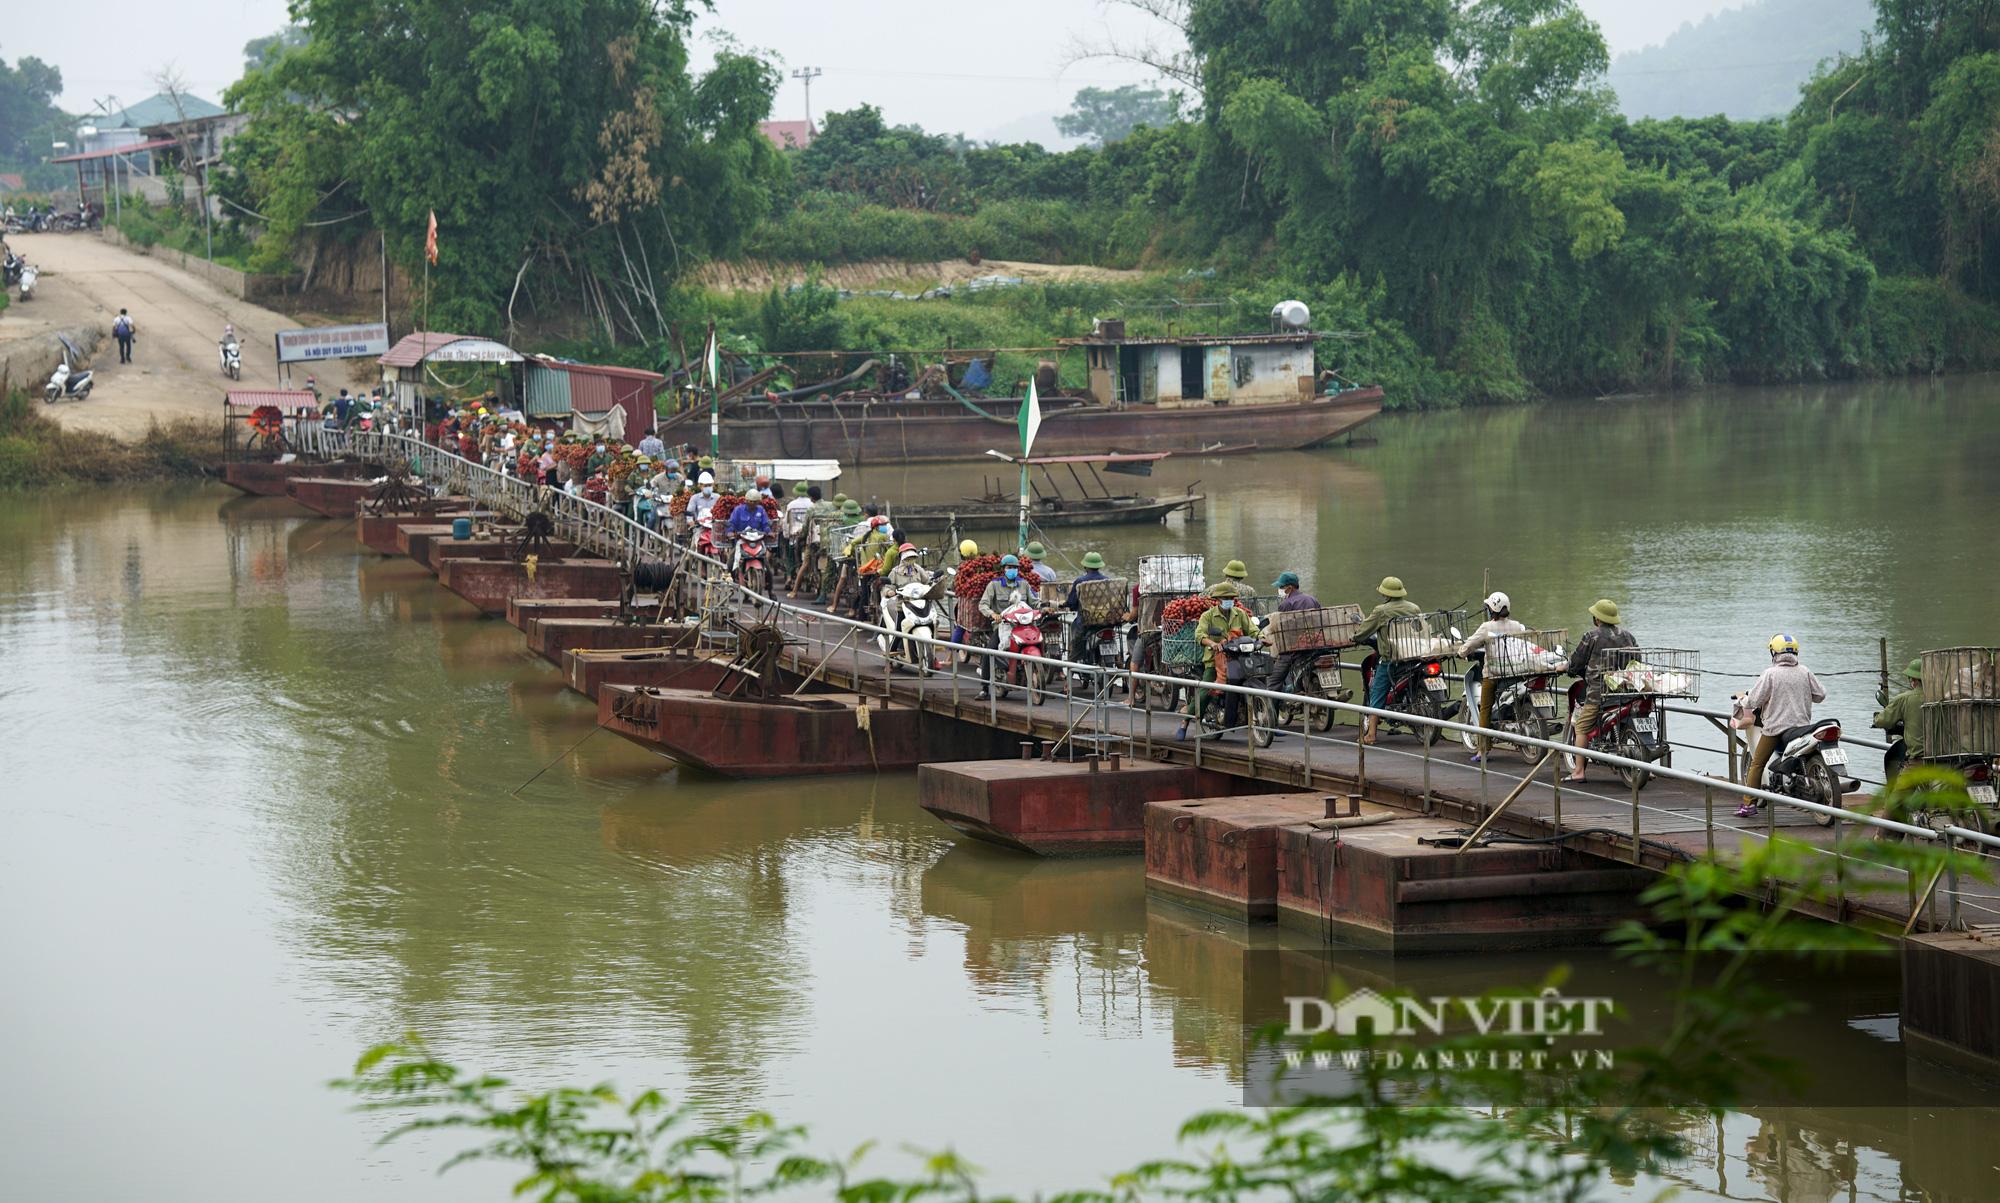 """Người dân """"vồ ếch"""", ngã xuống cầu khi chở vải đi qua cây cầu """"tử thần"""" ở Bắc Giang - Ảnh 1."""